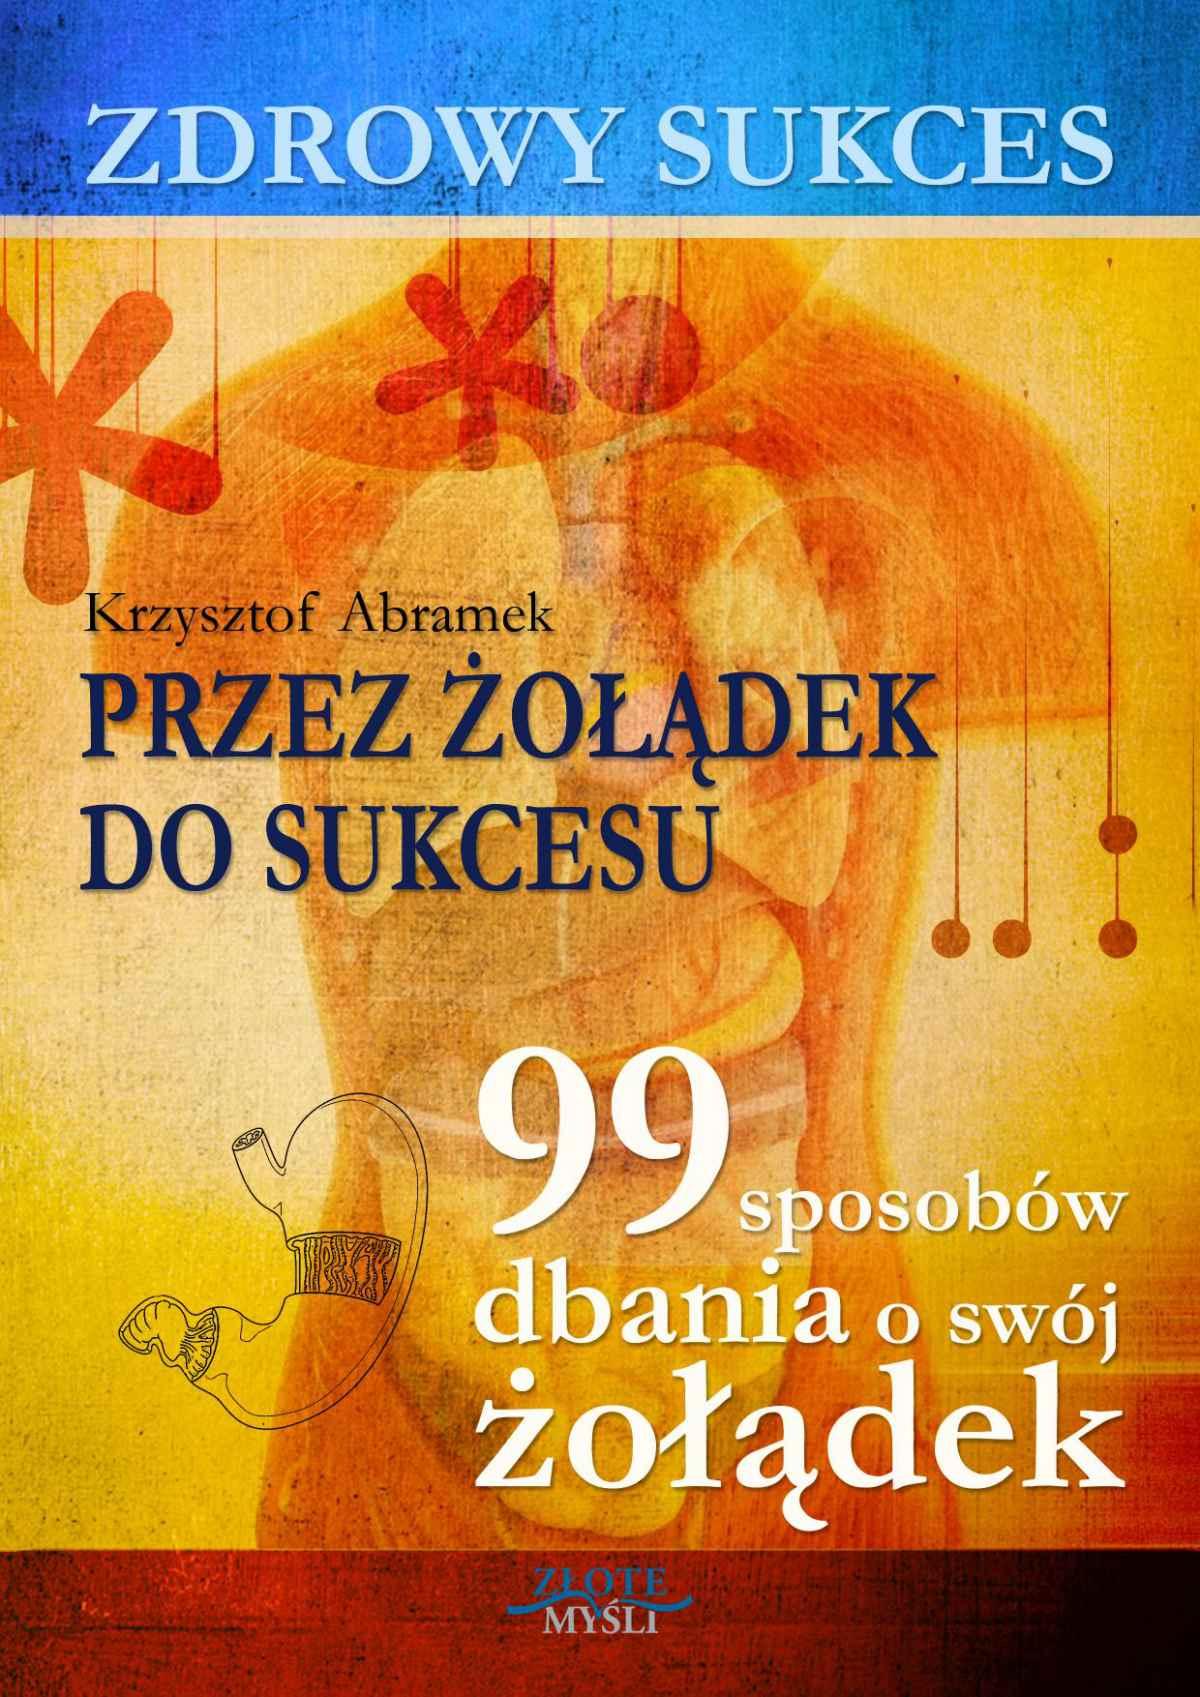 Zdrowy sukces. Przez żołądek do sukcesu - Ebook (Książka PDF) do pobrania w formacie PDF